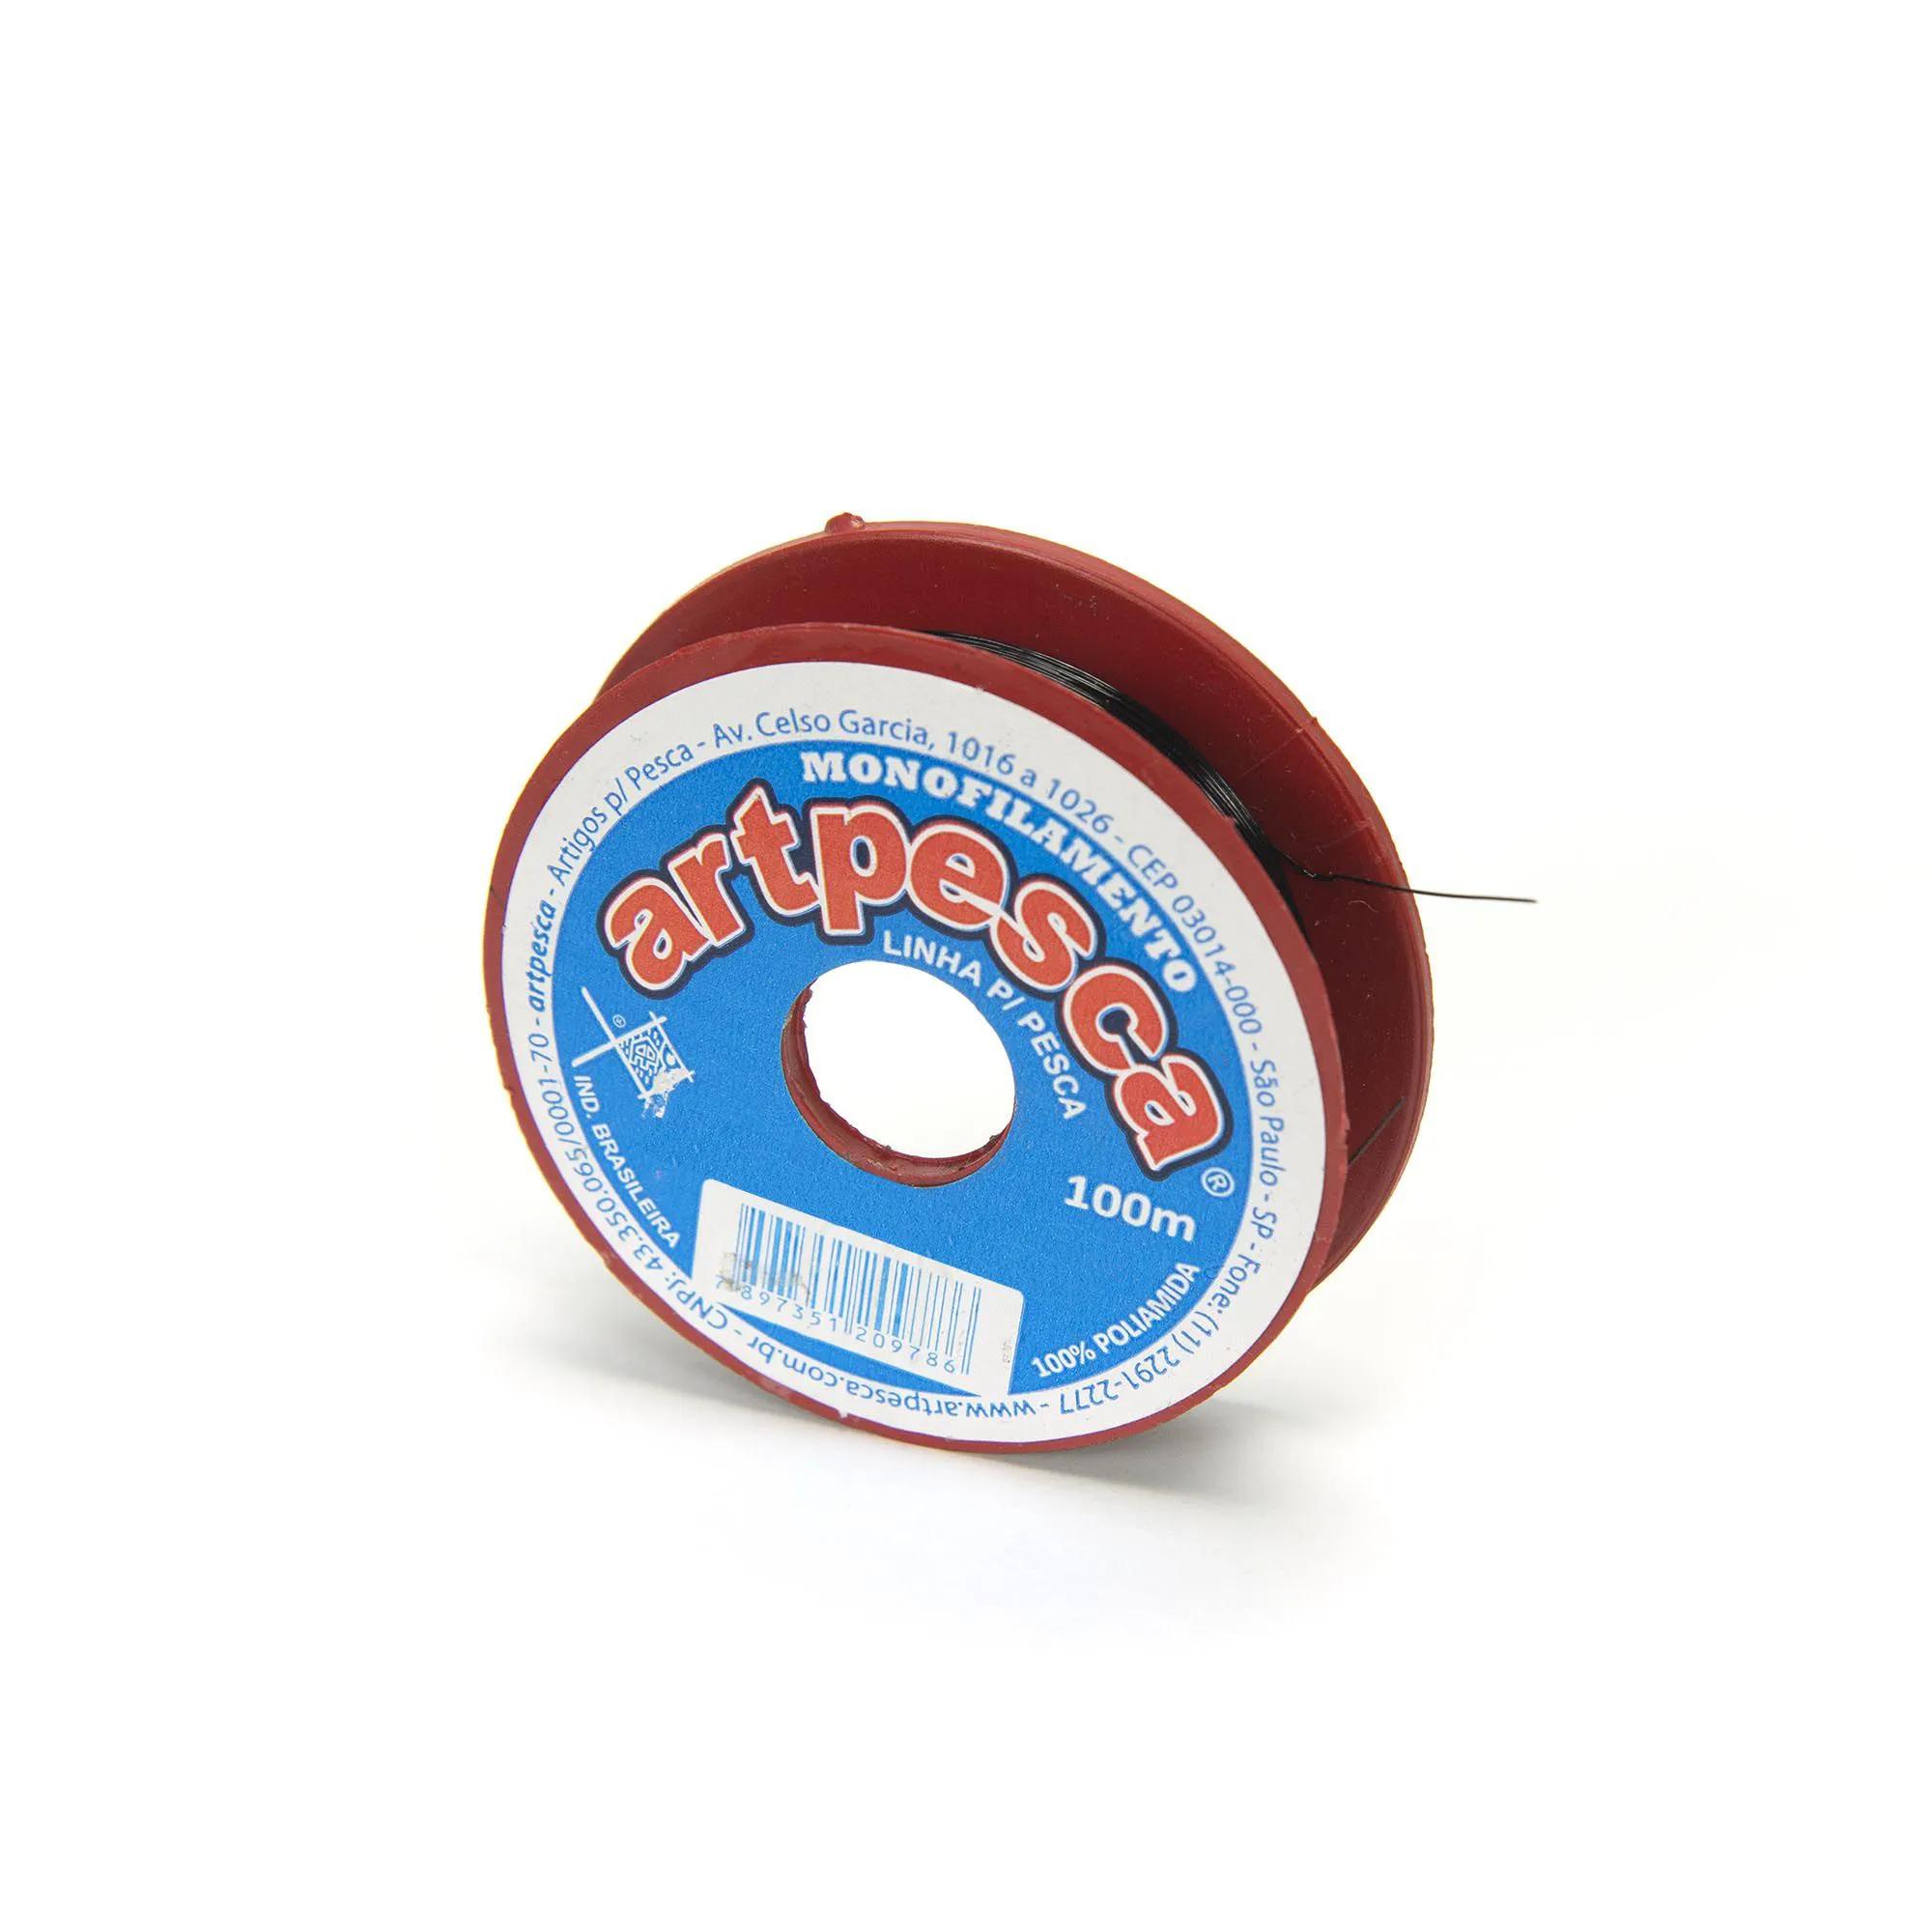 Linha de Nylon Artpesca Preta 0,35mm Pacote com 1 unidades de 100m  - Artpesca